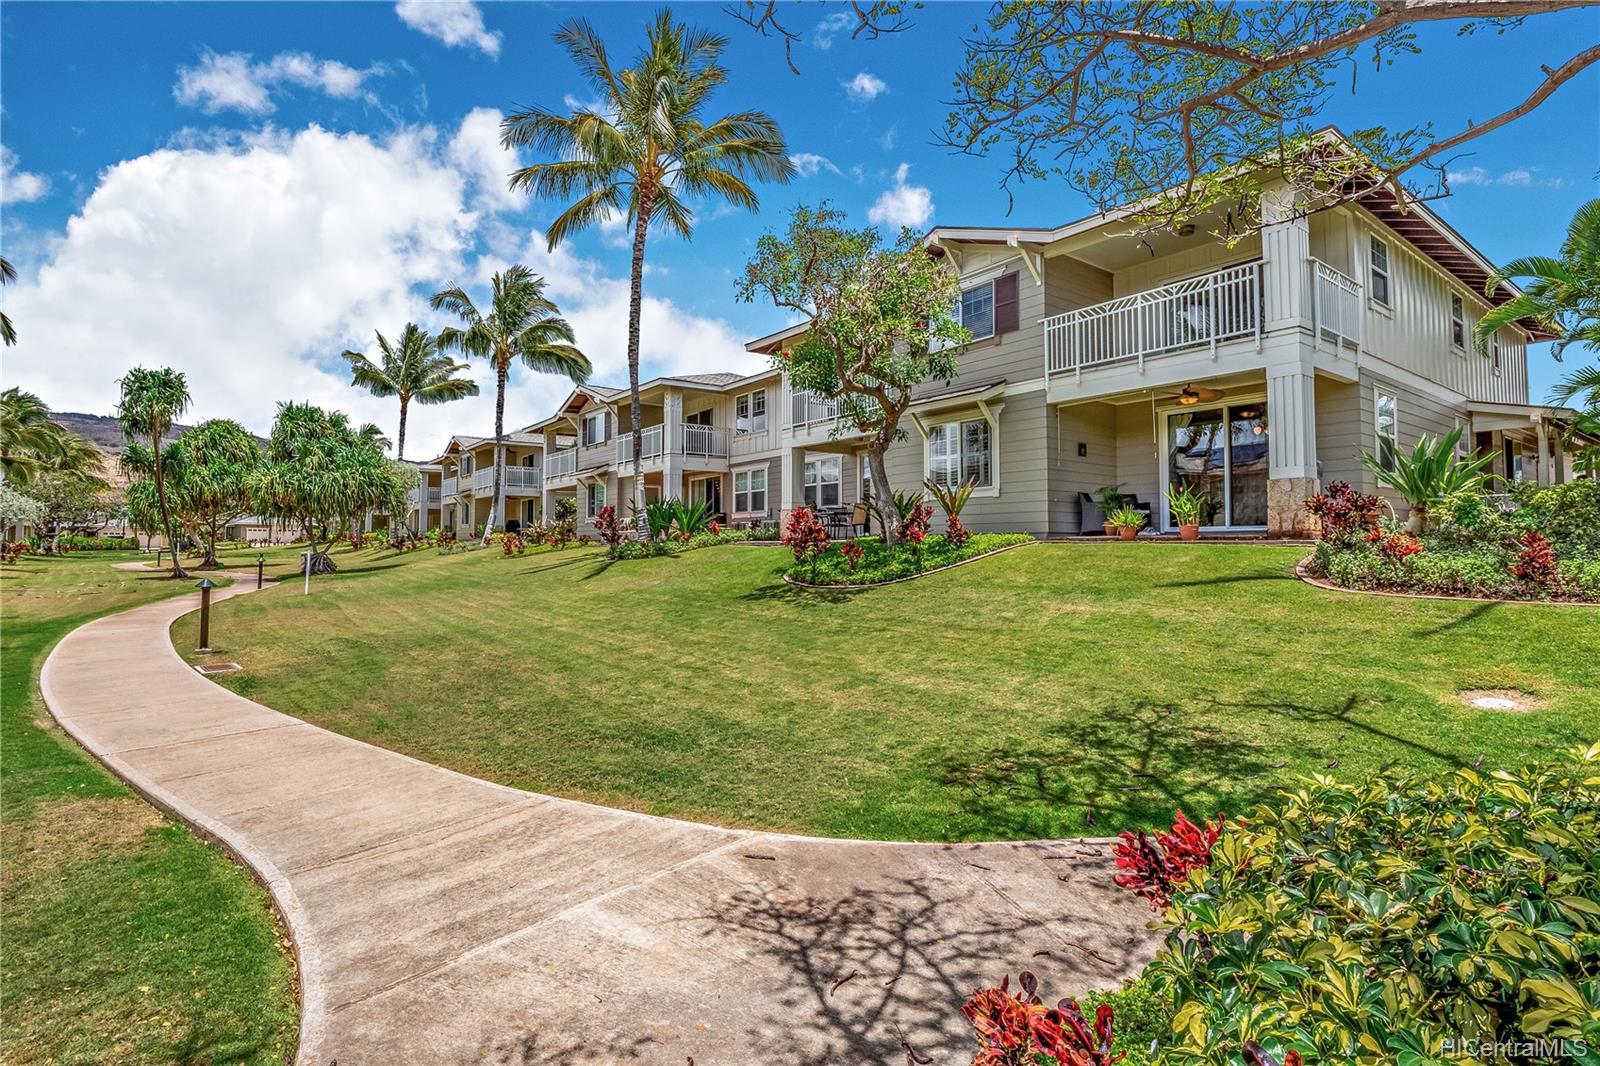 92-1033 Koio Dr townhouse # A, Kapolei, Hawaii - photo 1 of 1